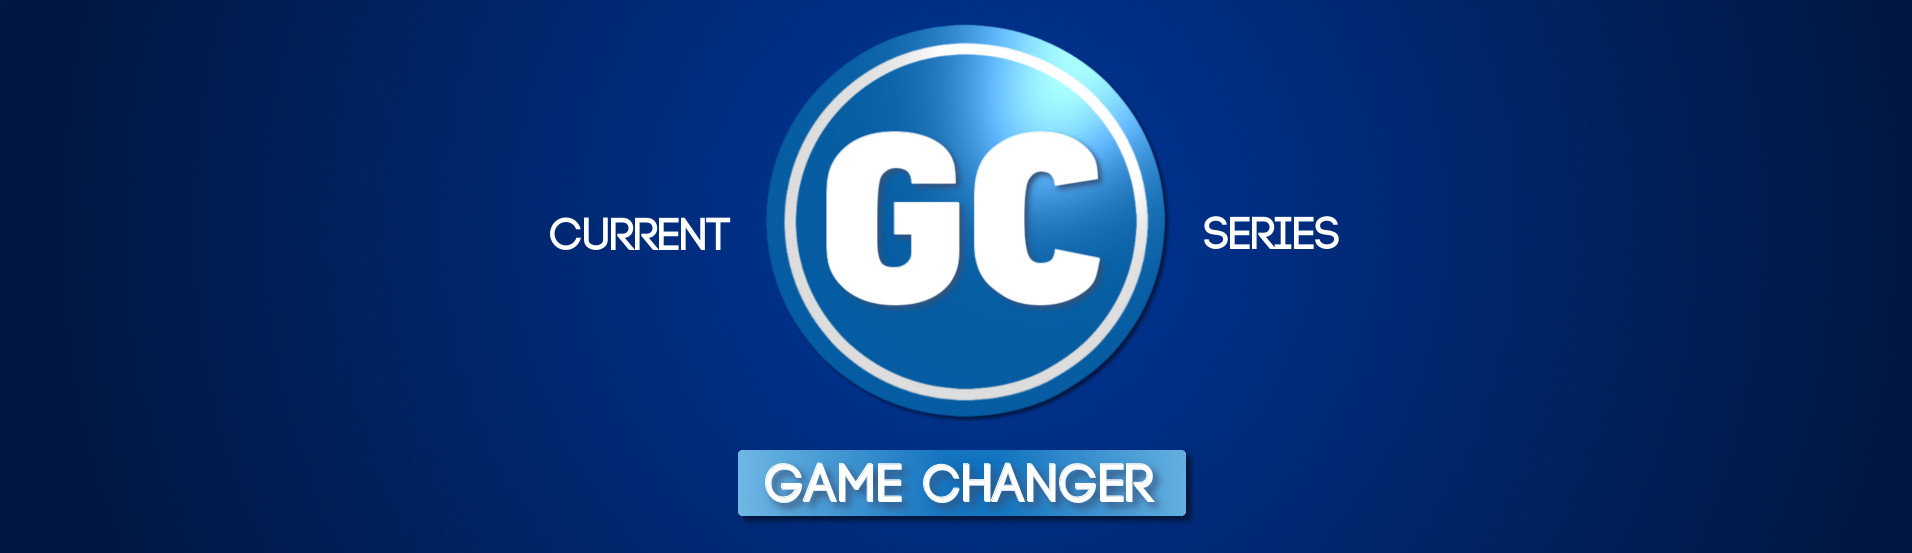 GameChanger_webban_current